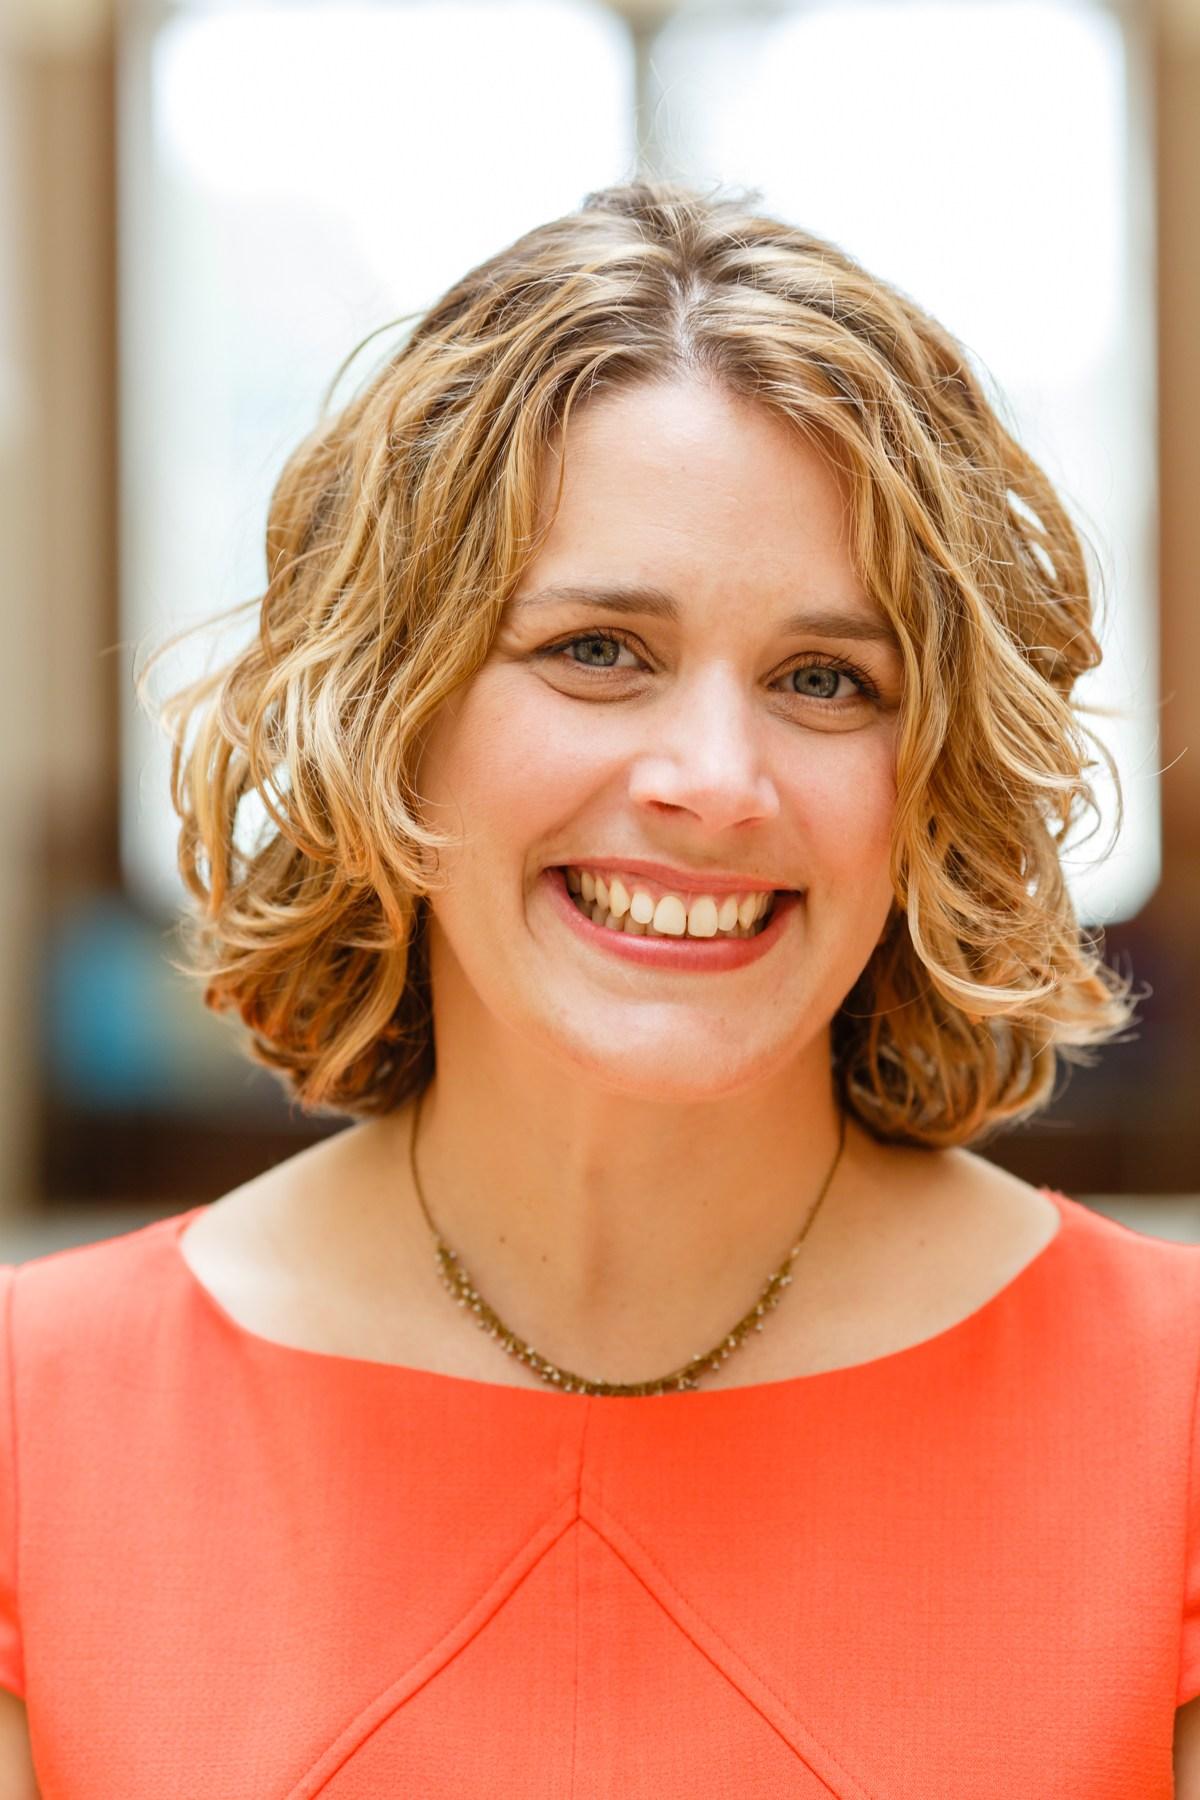 Ashleigh de Villiers, Direct of Development - De La Salle North Catholic